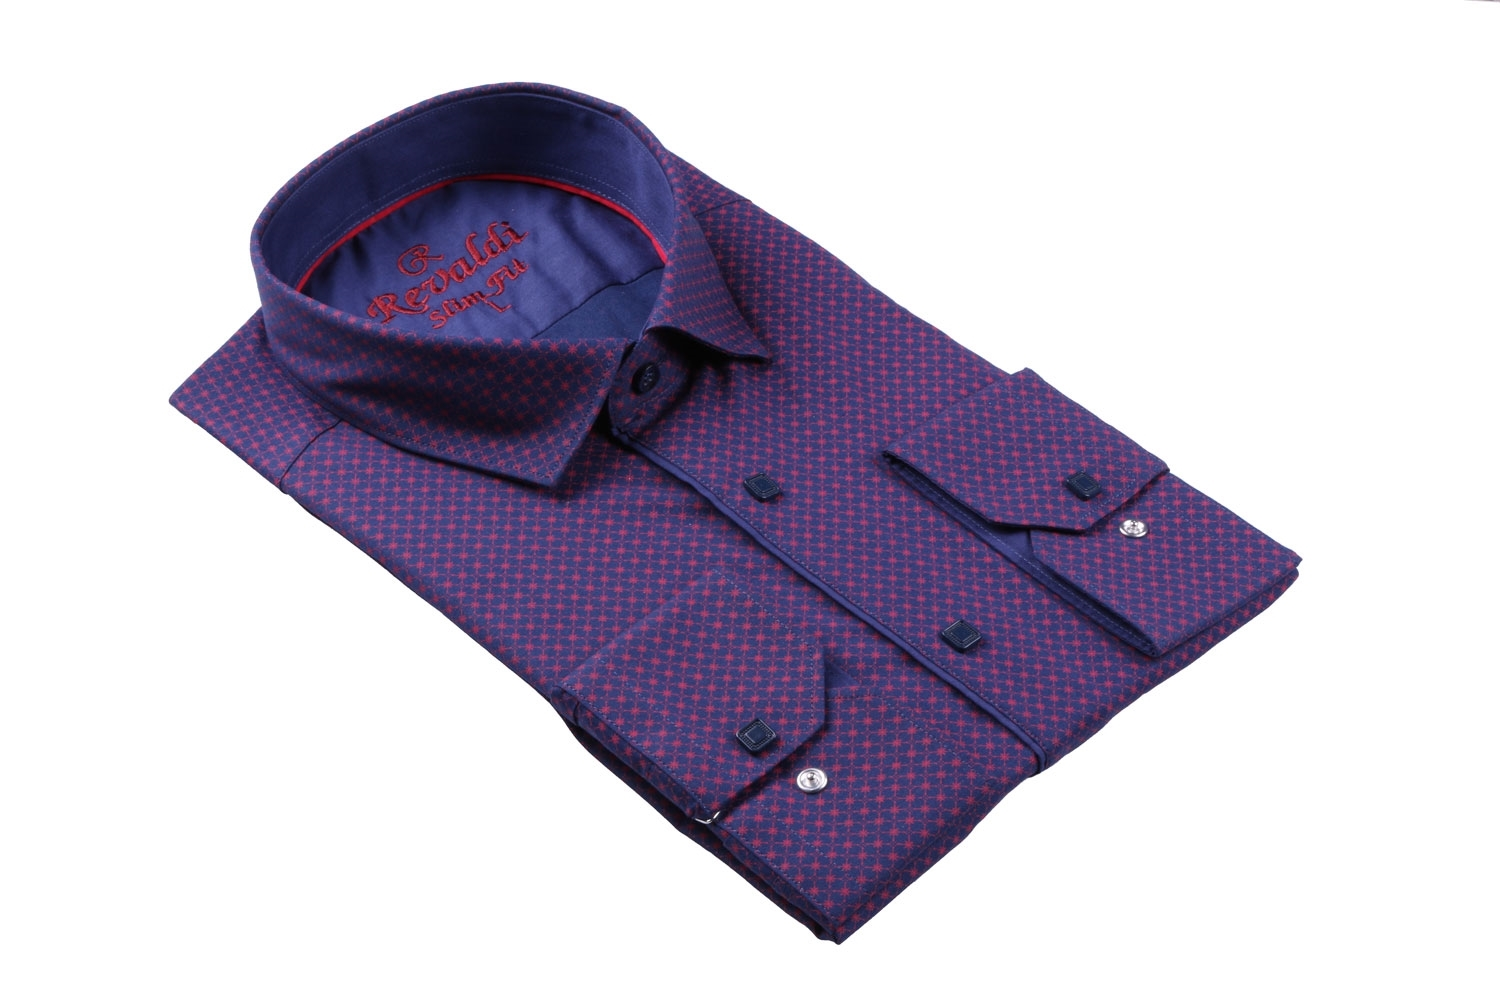 Стильная молодежная рубашка в мелкий узор, длинный рукав (Арт. T 3108)